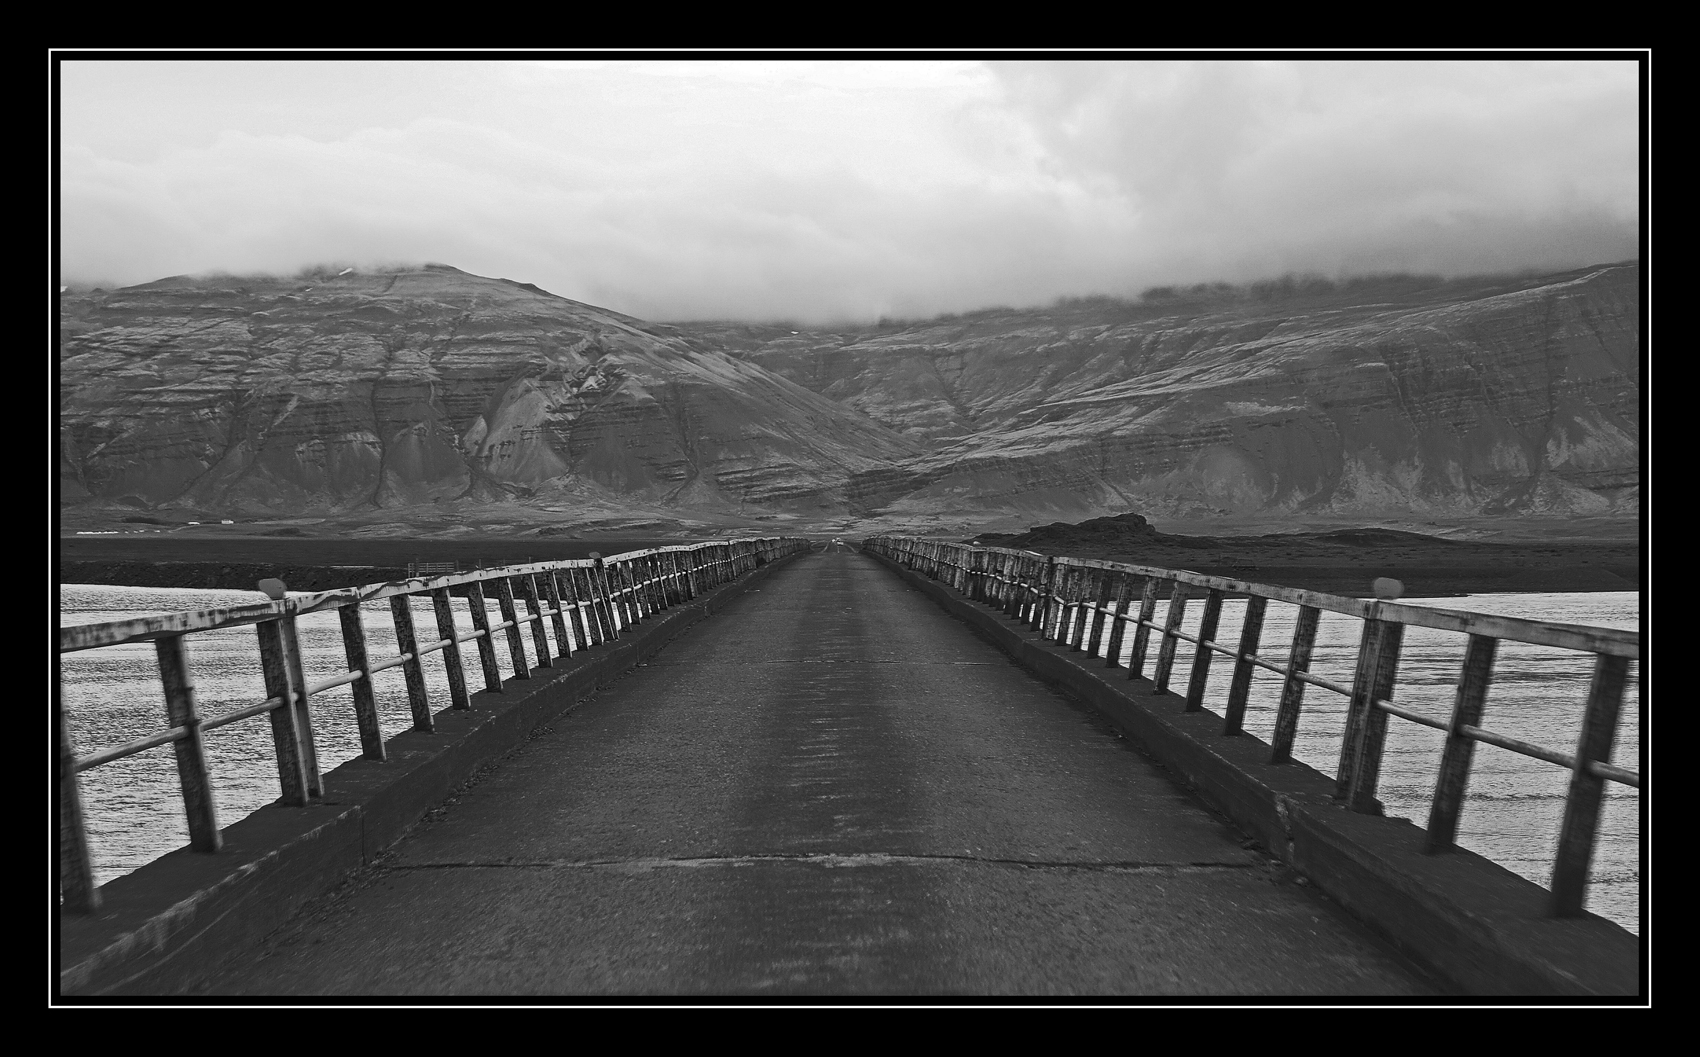 Cruzando el puente B/N